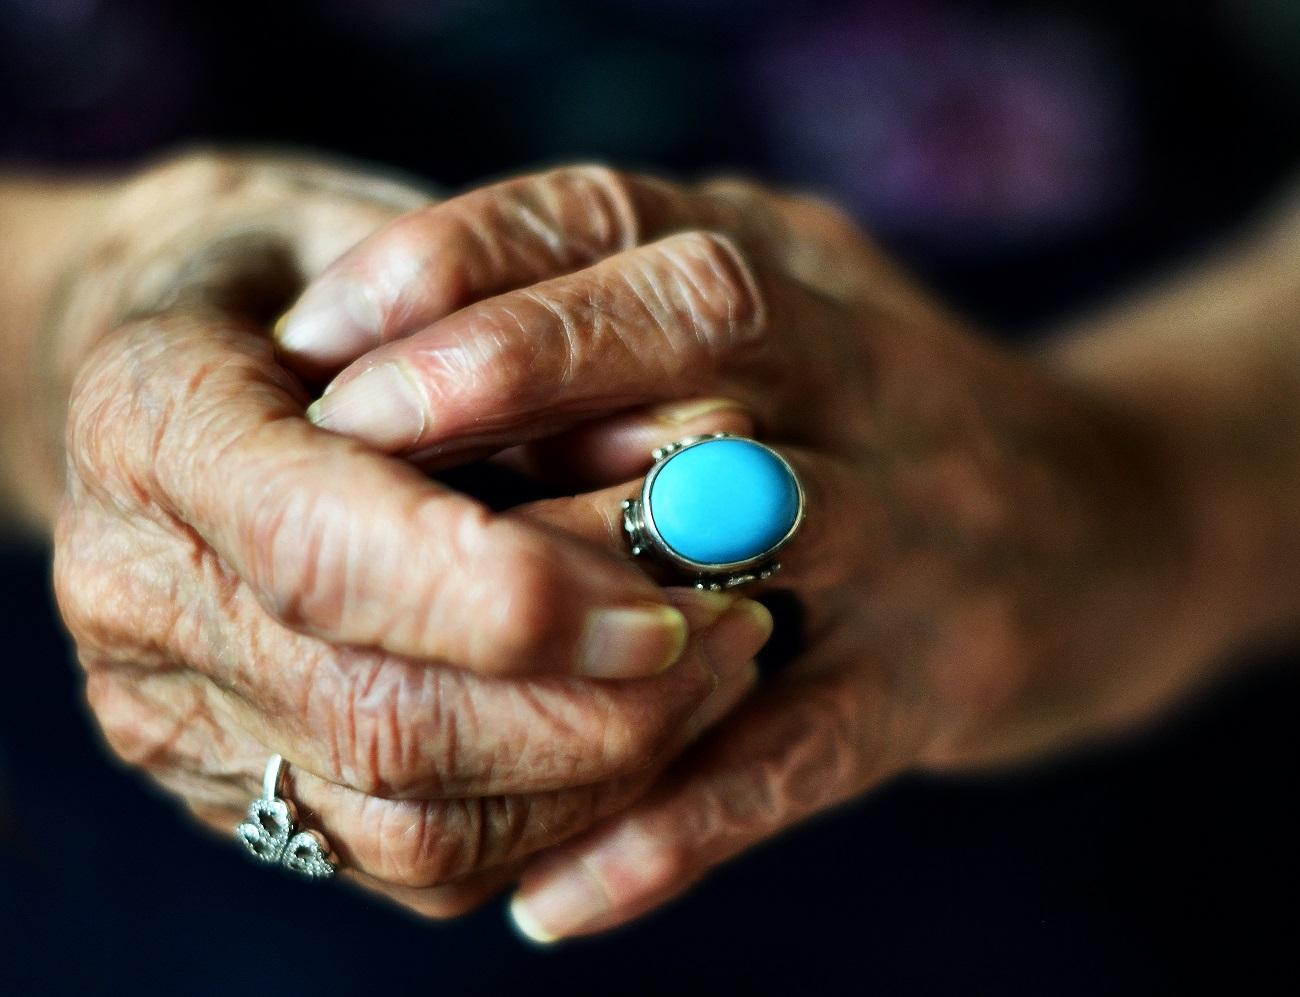 The lost ring, Mia suocera e i suoi pensieri, dopo aver trovato un anello che pensava aver perso anni fa. Questo non era solo un anello turchese per lei, penso che fosse molto di più, potevo leggerlo nei